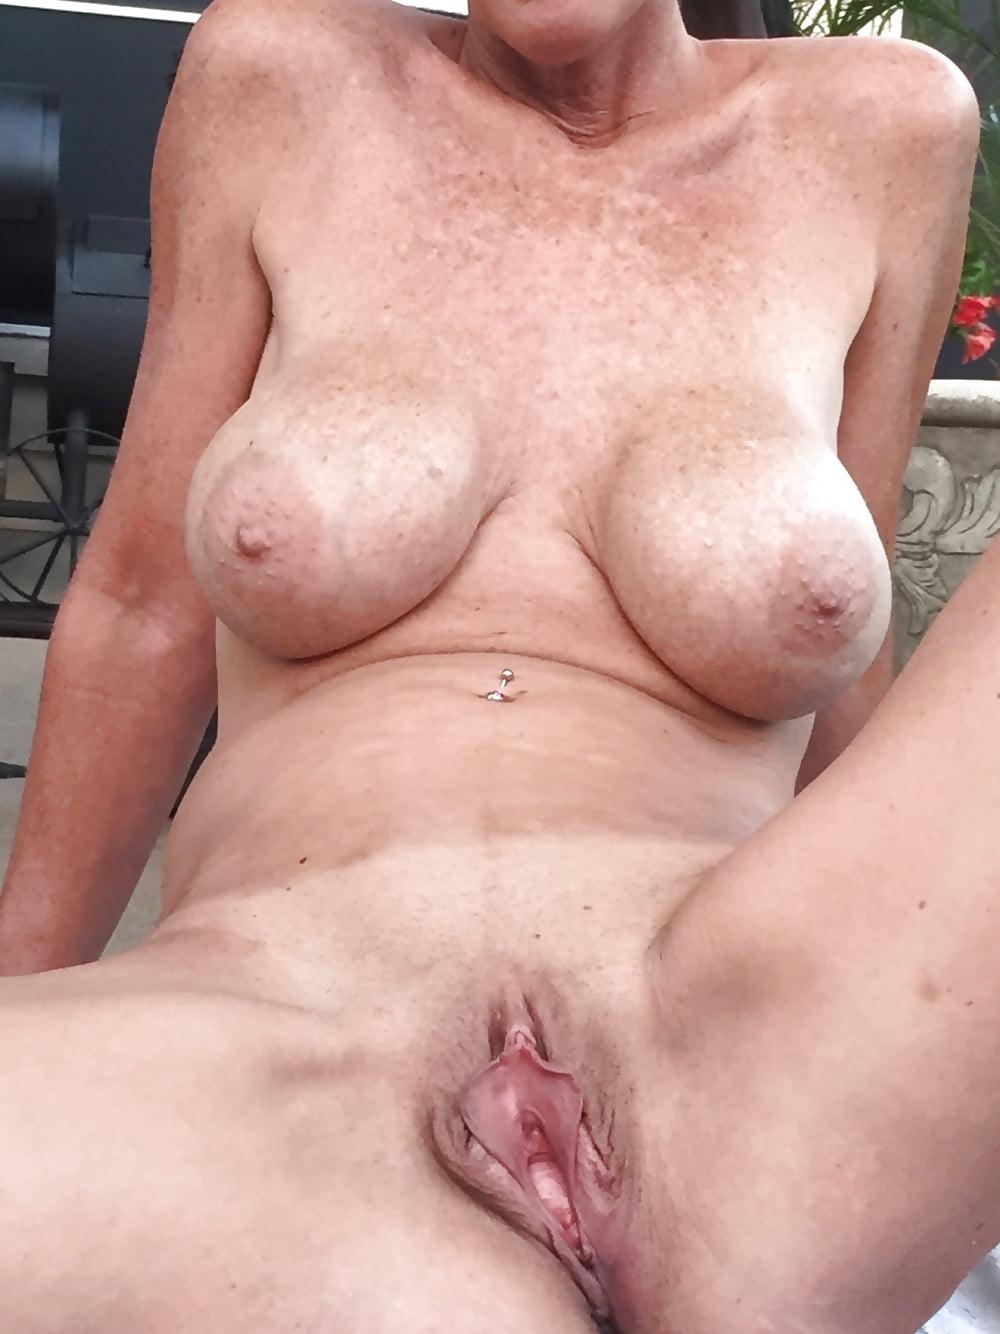 Руки анале позы для зрелых с широкой вагиной хуищи трансов